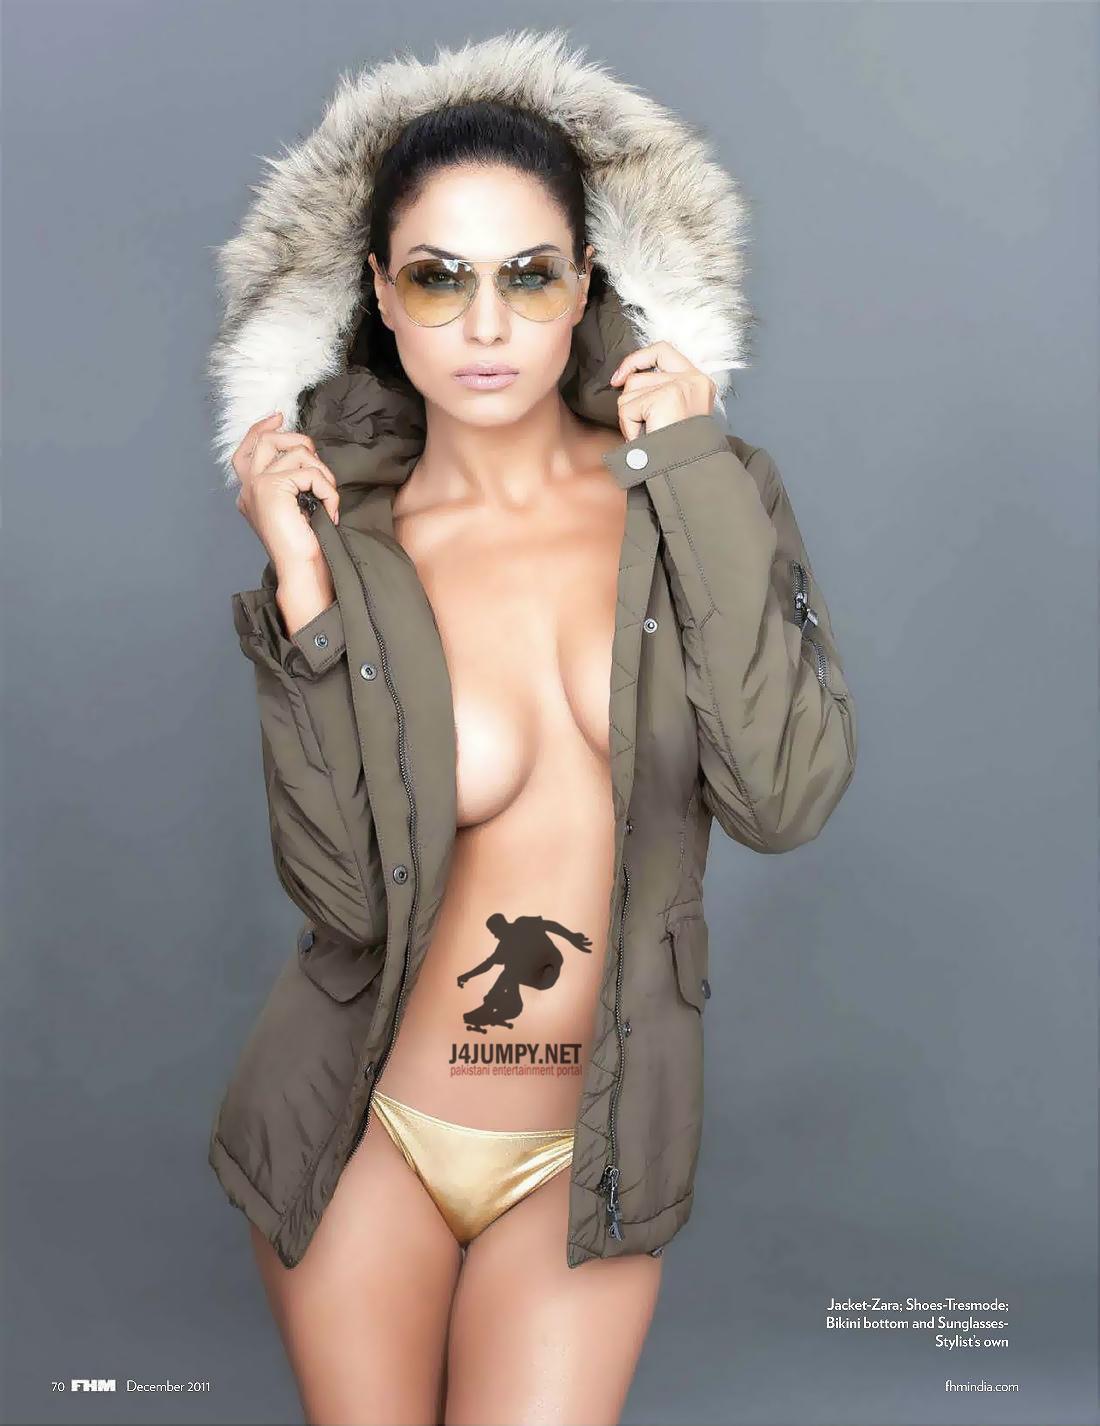 Bollywood Place Veena Malik Claim Fhm Magazine For Posing -5367